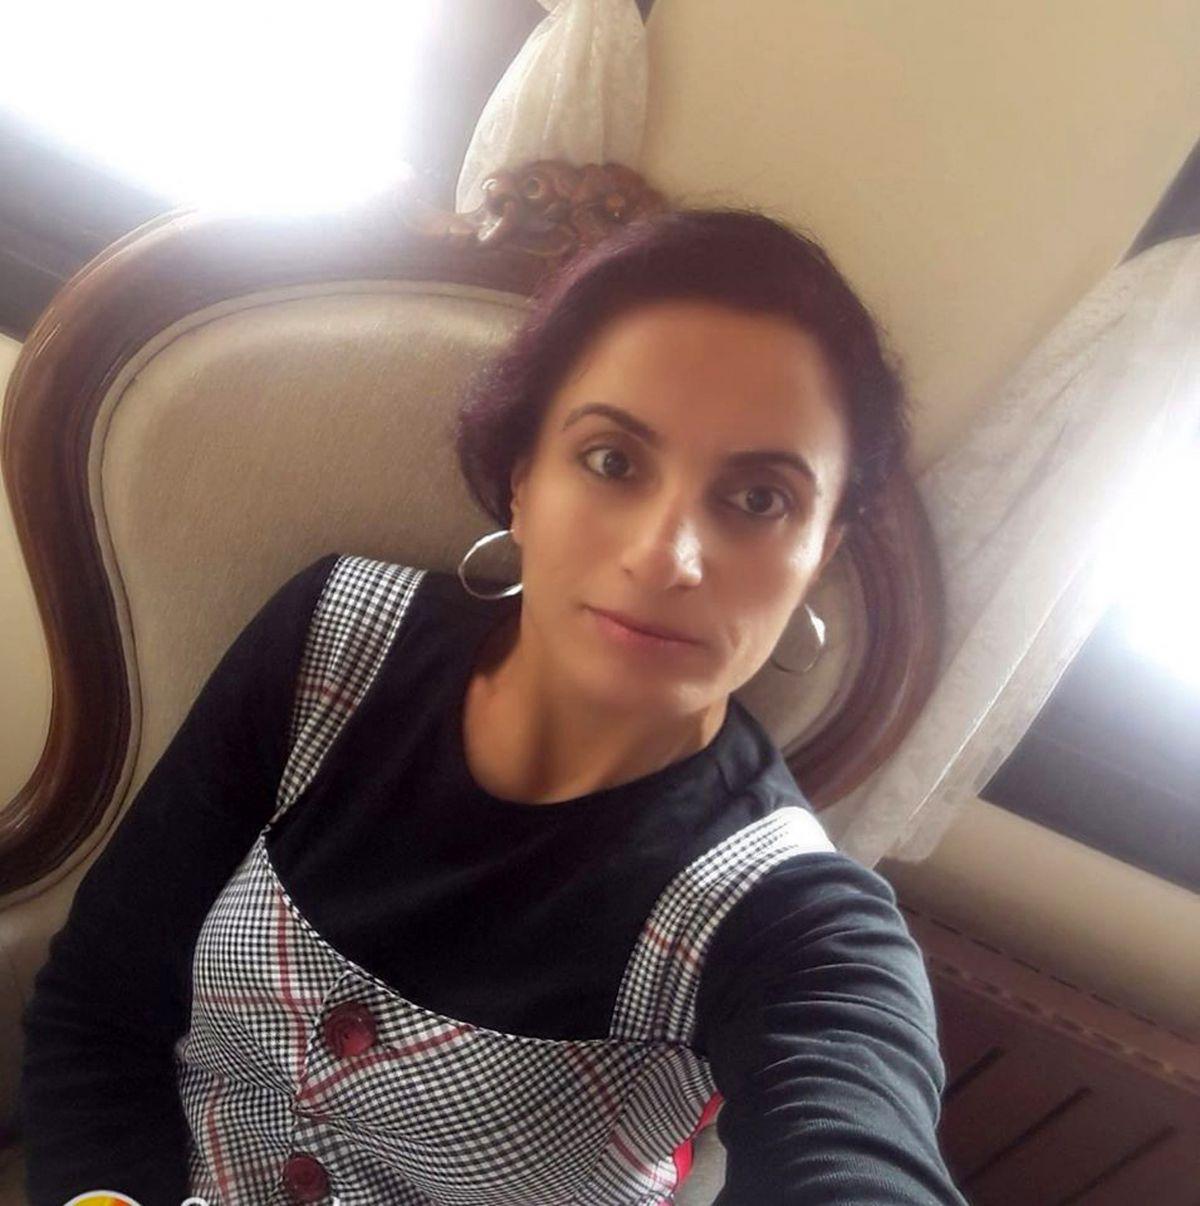 Burdur da öldürülen kadının katili tahliye edilince, adliyede arbede çıktı #4